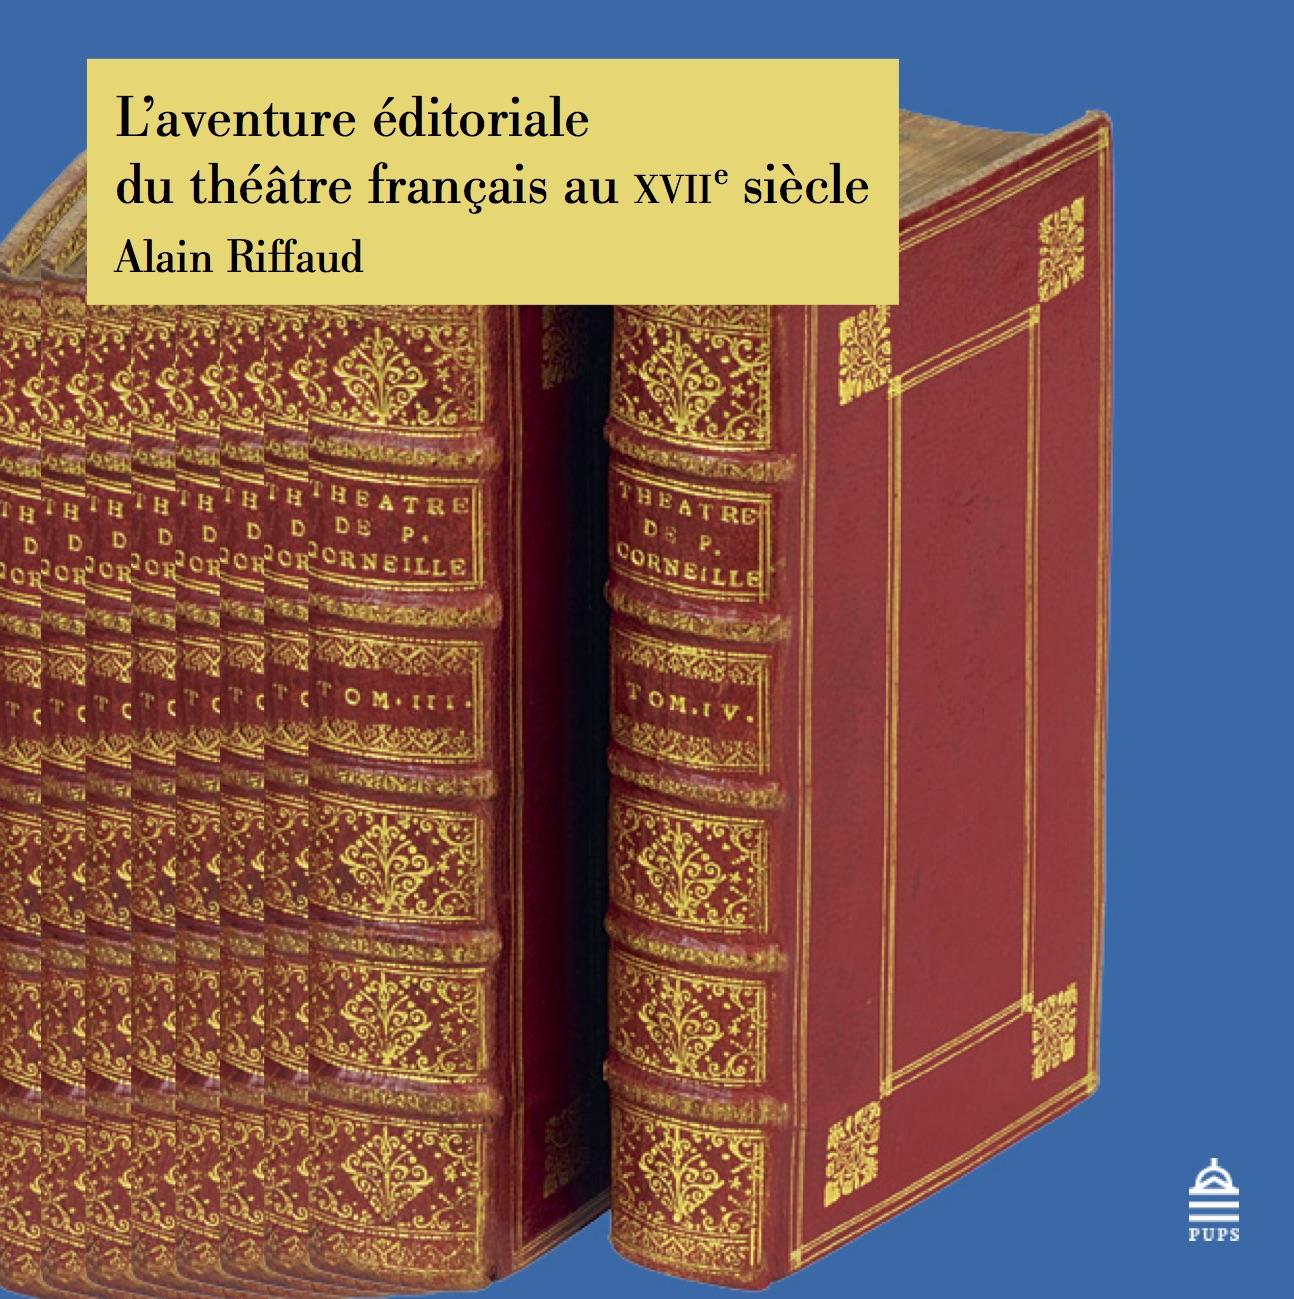 A. Riffaud, L'aventure éditoriale du théâtre français au 17e siècle